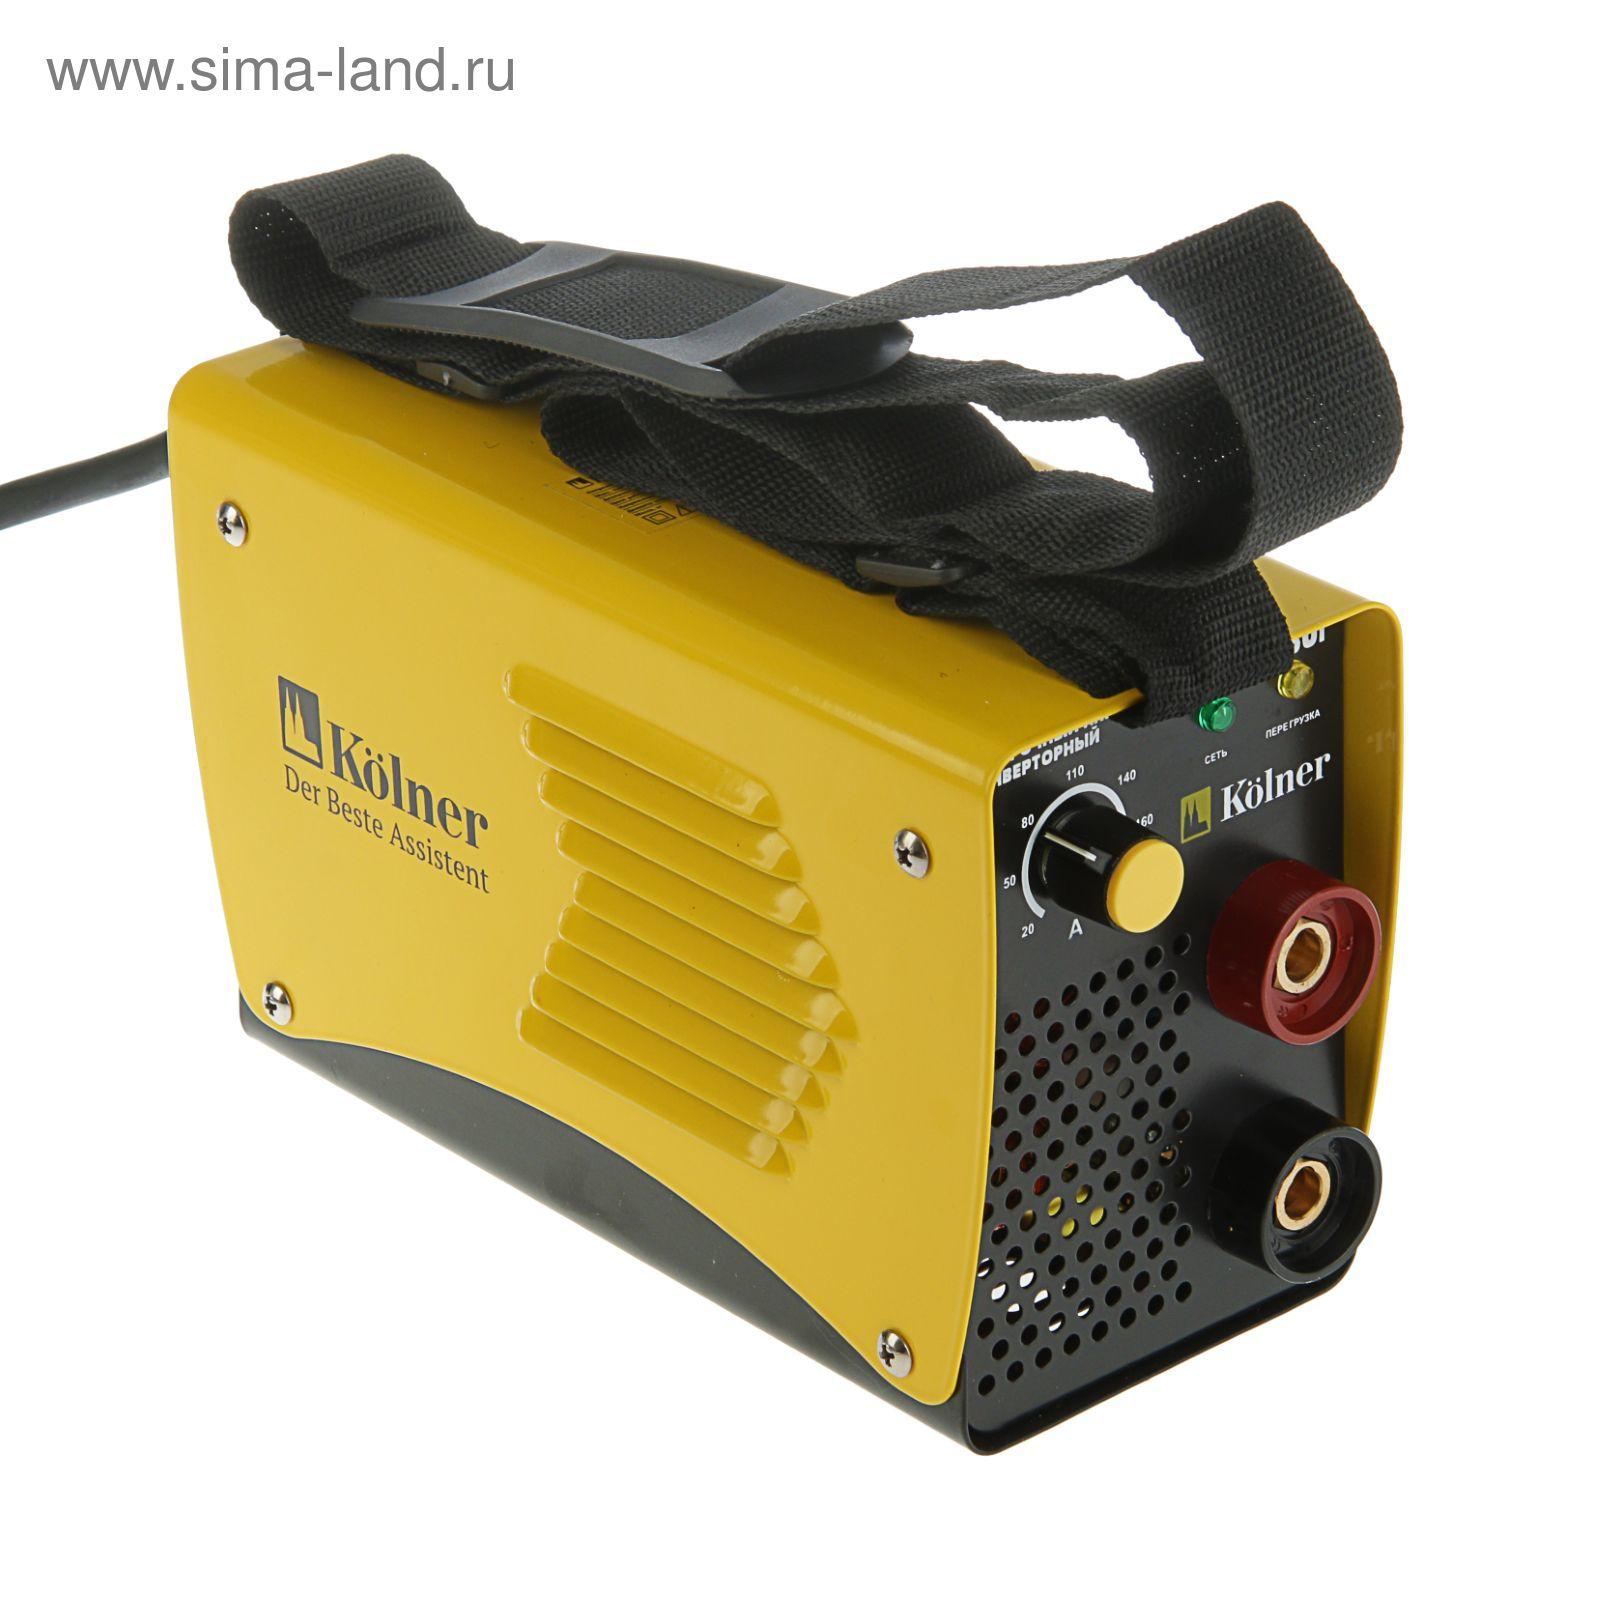 Kolner инверторный сварочный аппарат купить повышающий импульсный стабилизатор напряжения xl6009 регулируемый